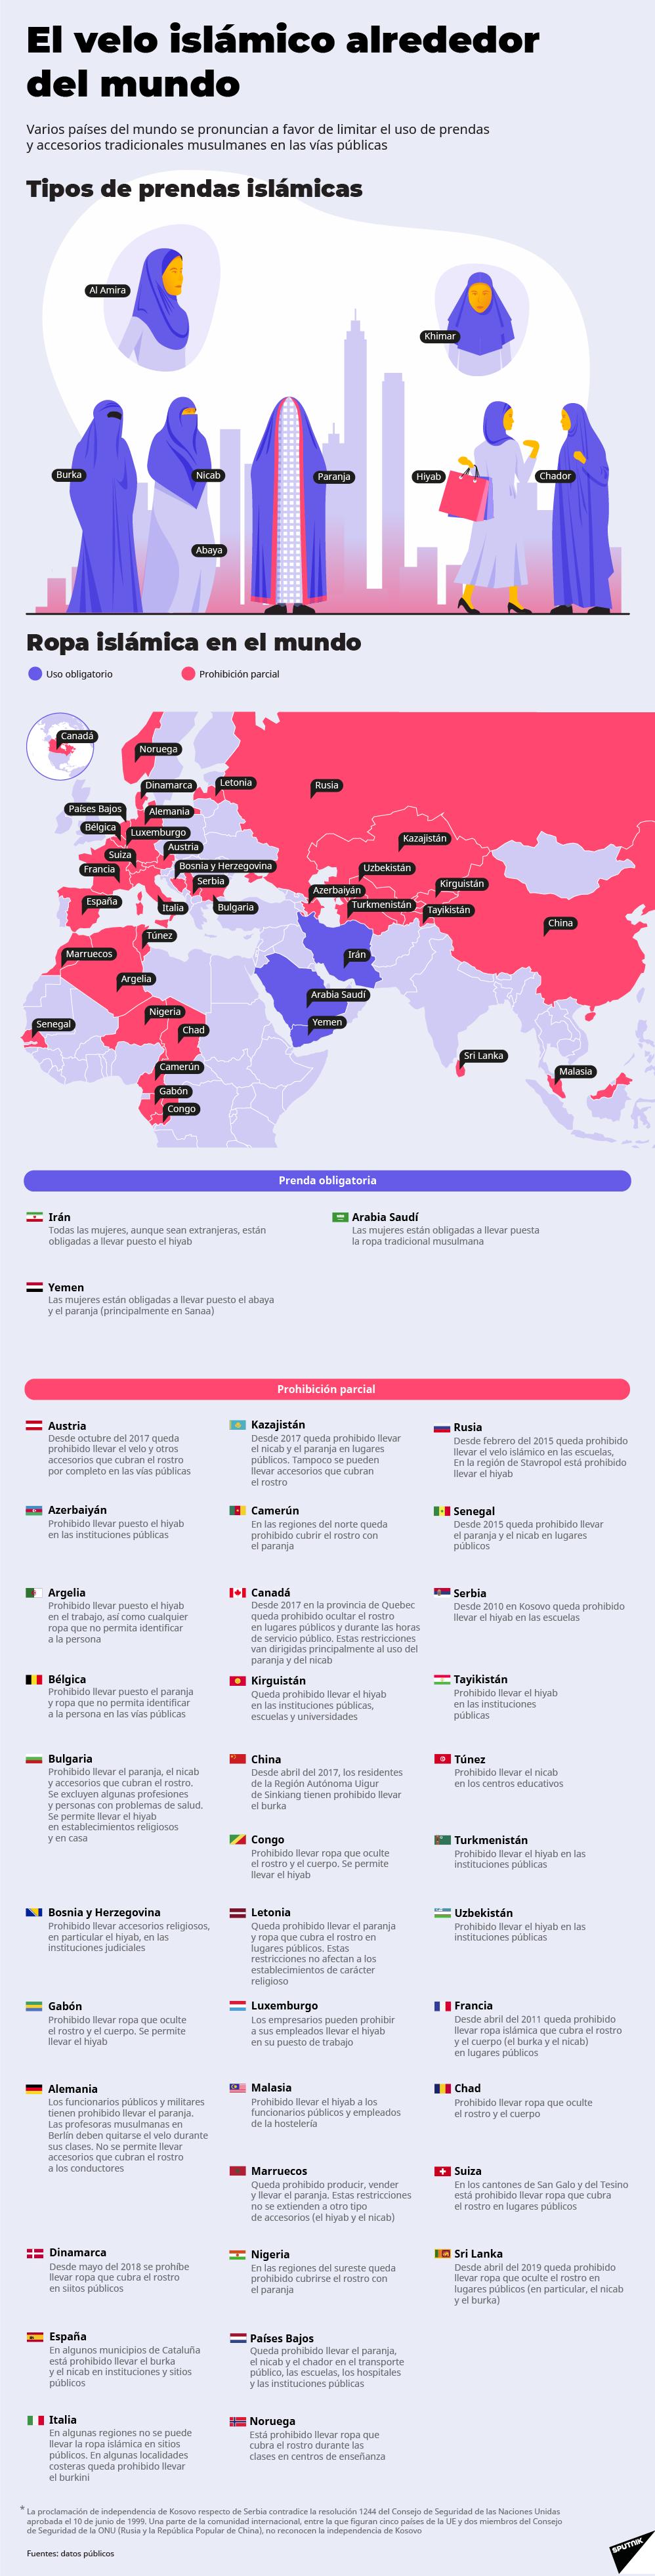 El velo islámico y su difícil relación con el mundo - Sputnik Mundo